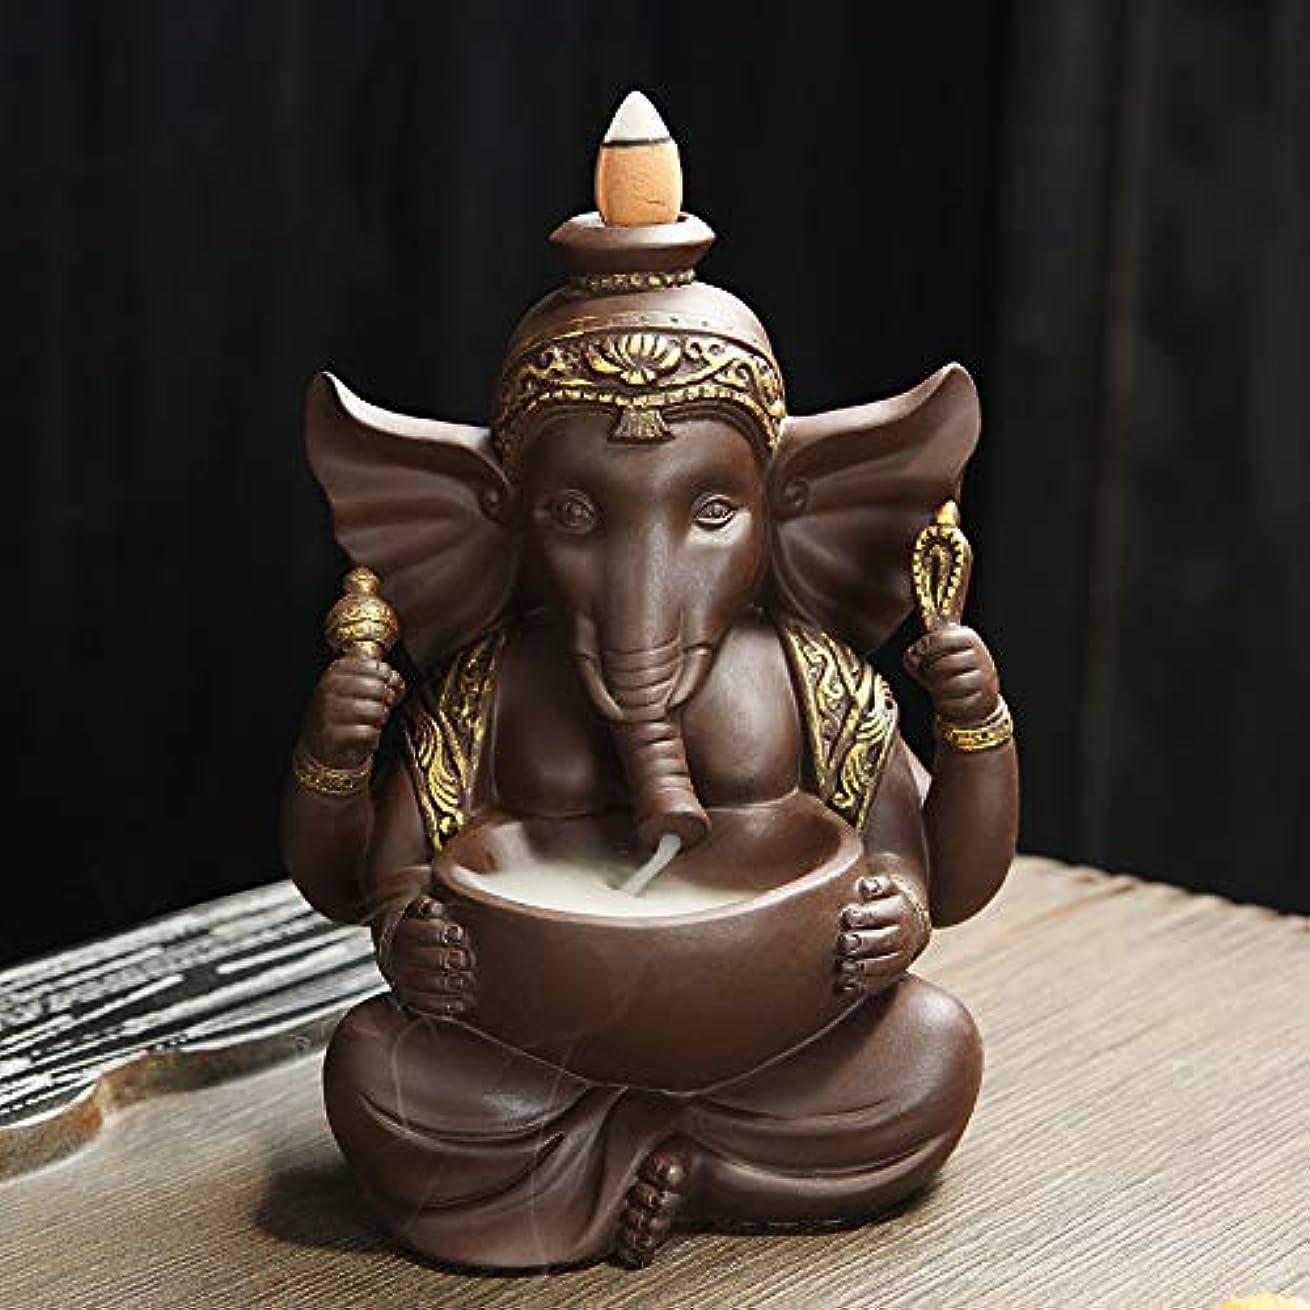 苦行ぐったりラブ香炉インド象の神の逆流香紫砂香炉香炉キャンドルバックセラミックアロマセラピーバーナー15.7 * 13 * 10.9cm